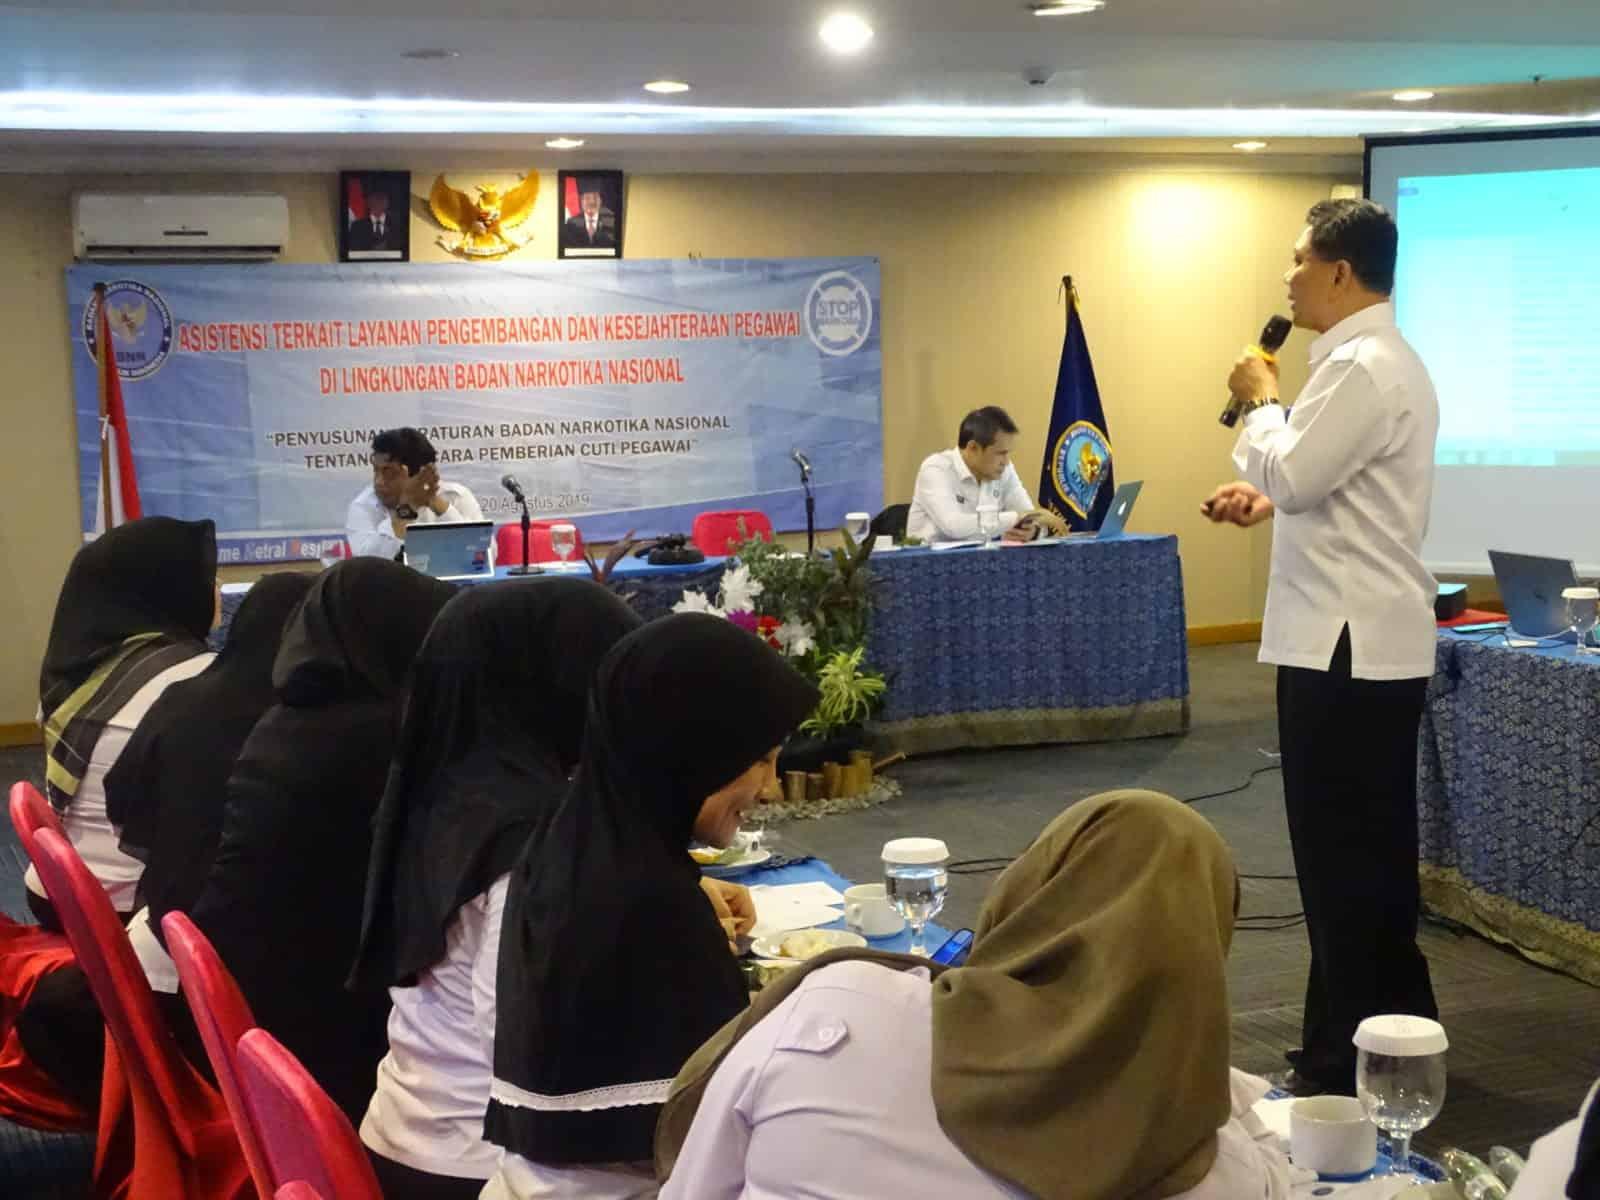 Biro Kepegawaian dan Organisasi Melaksanakan Kegiatan Penyusunan Peraturan Badan Narkotika Nasional Tentang Tata Cara Pemberian Cuti Pegawai